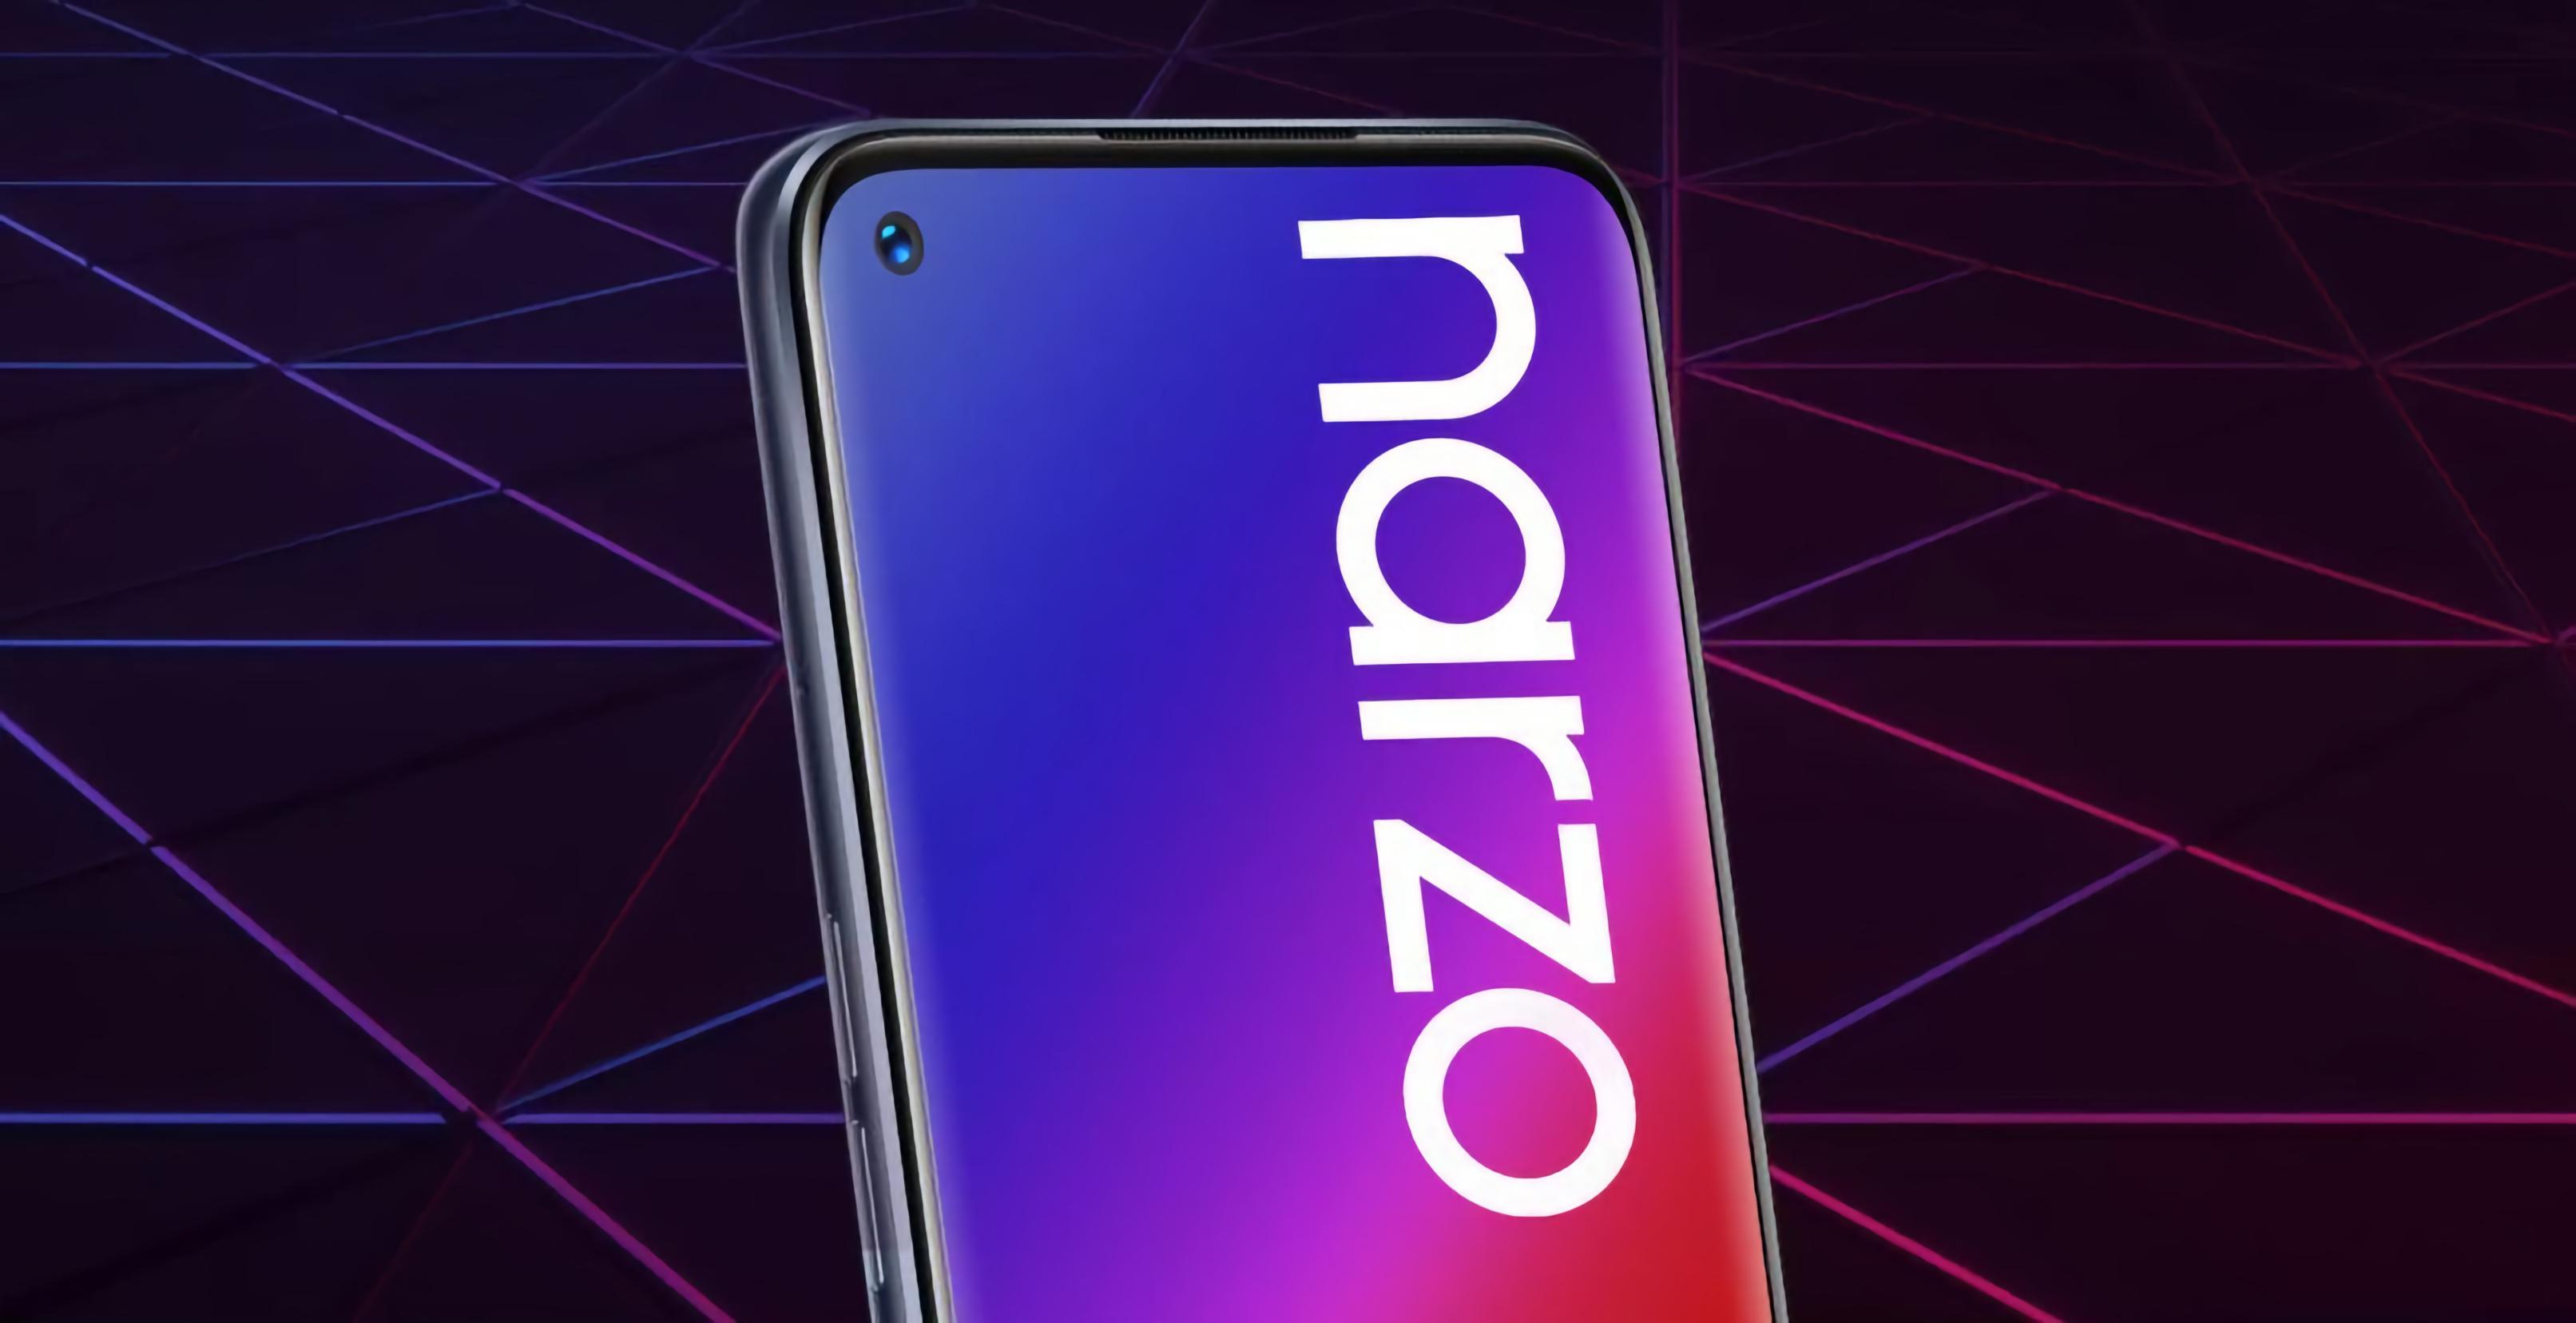 Инсайдер: Realme Narzo 20 Pro получит дисплей на 90 Гц, квадро-камеру на 48 Мп и быструю зарядку на 65 Вт